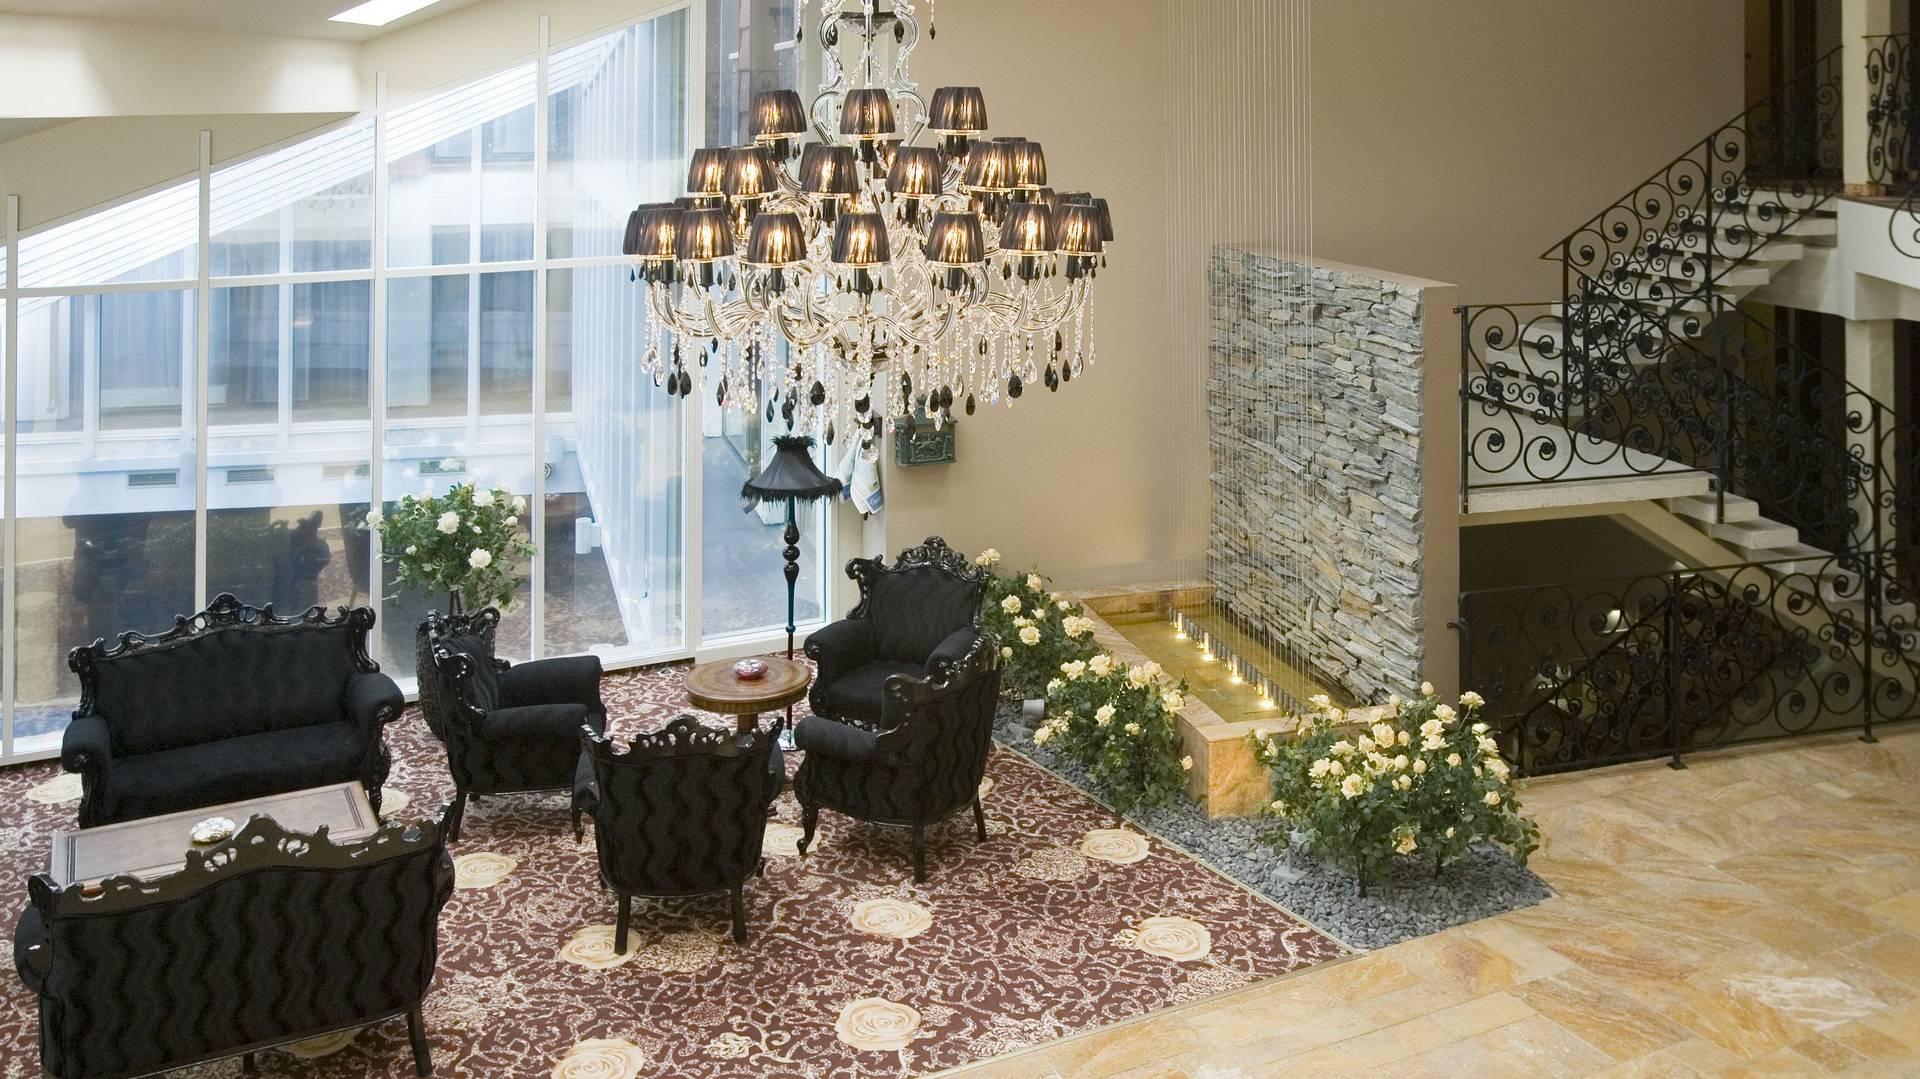 Pildiotsingu grand rose spa hotel kuressaare tulemus